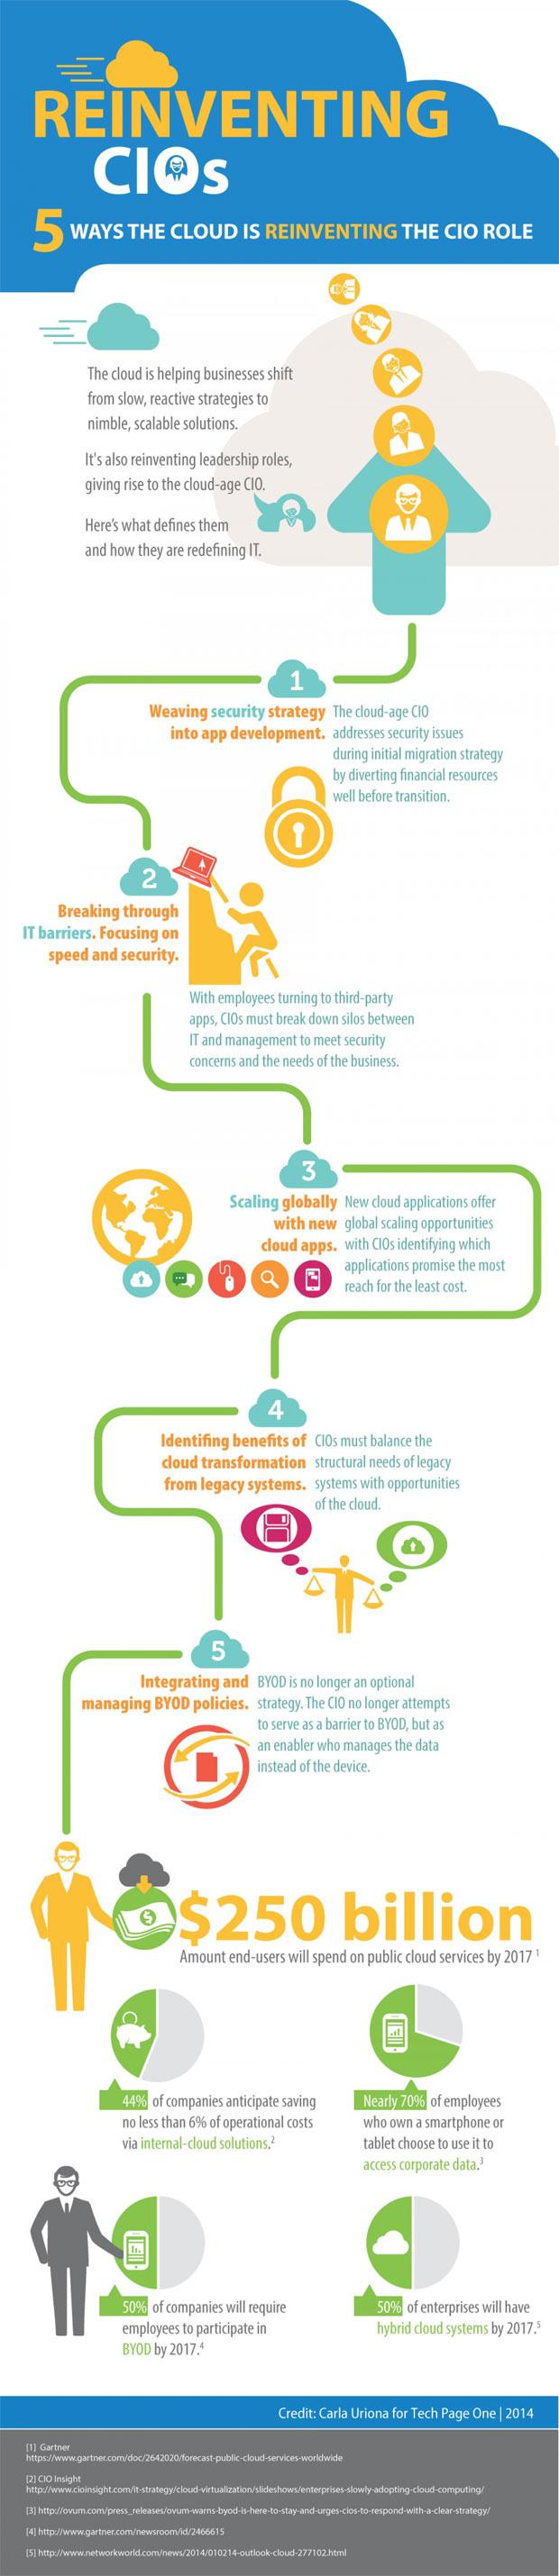 reinventing-cios-infographic